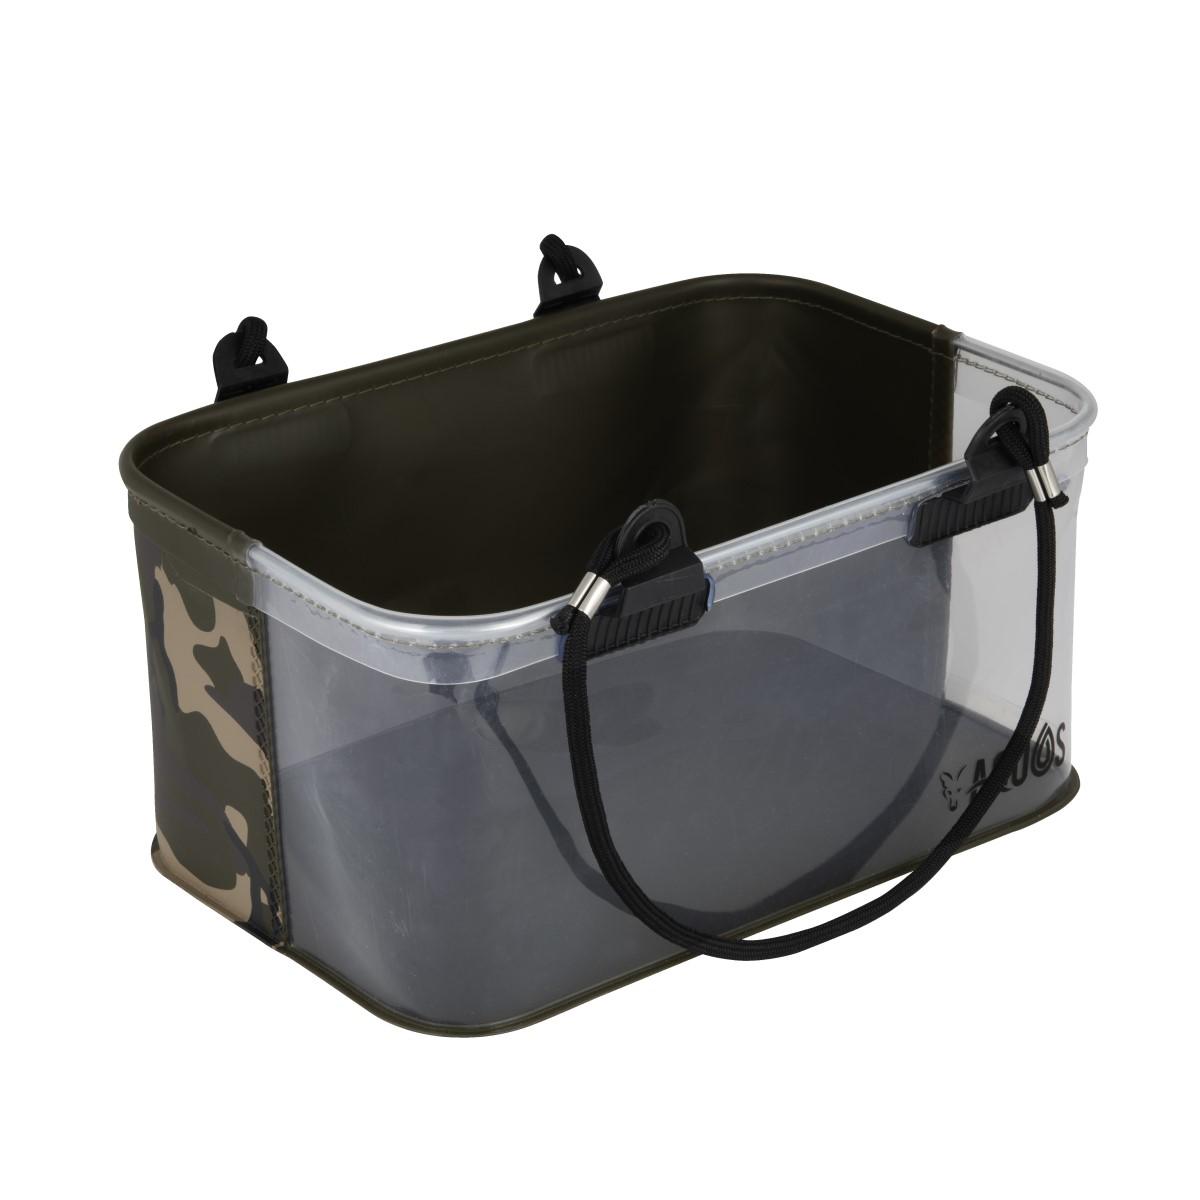 Кофа за риболов Fox Aquos Camo Rig Water Bucket